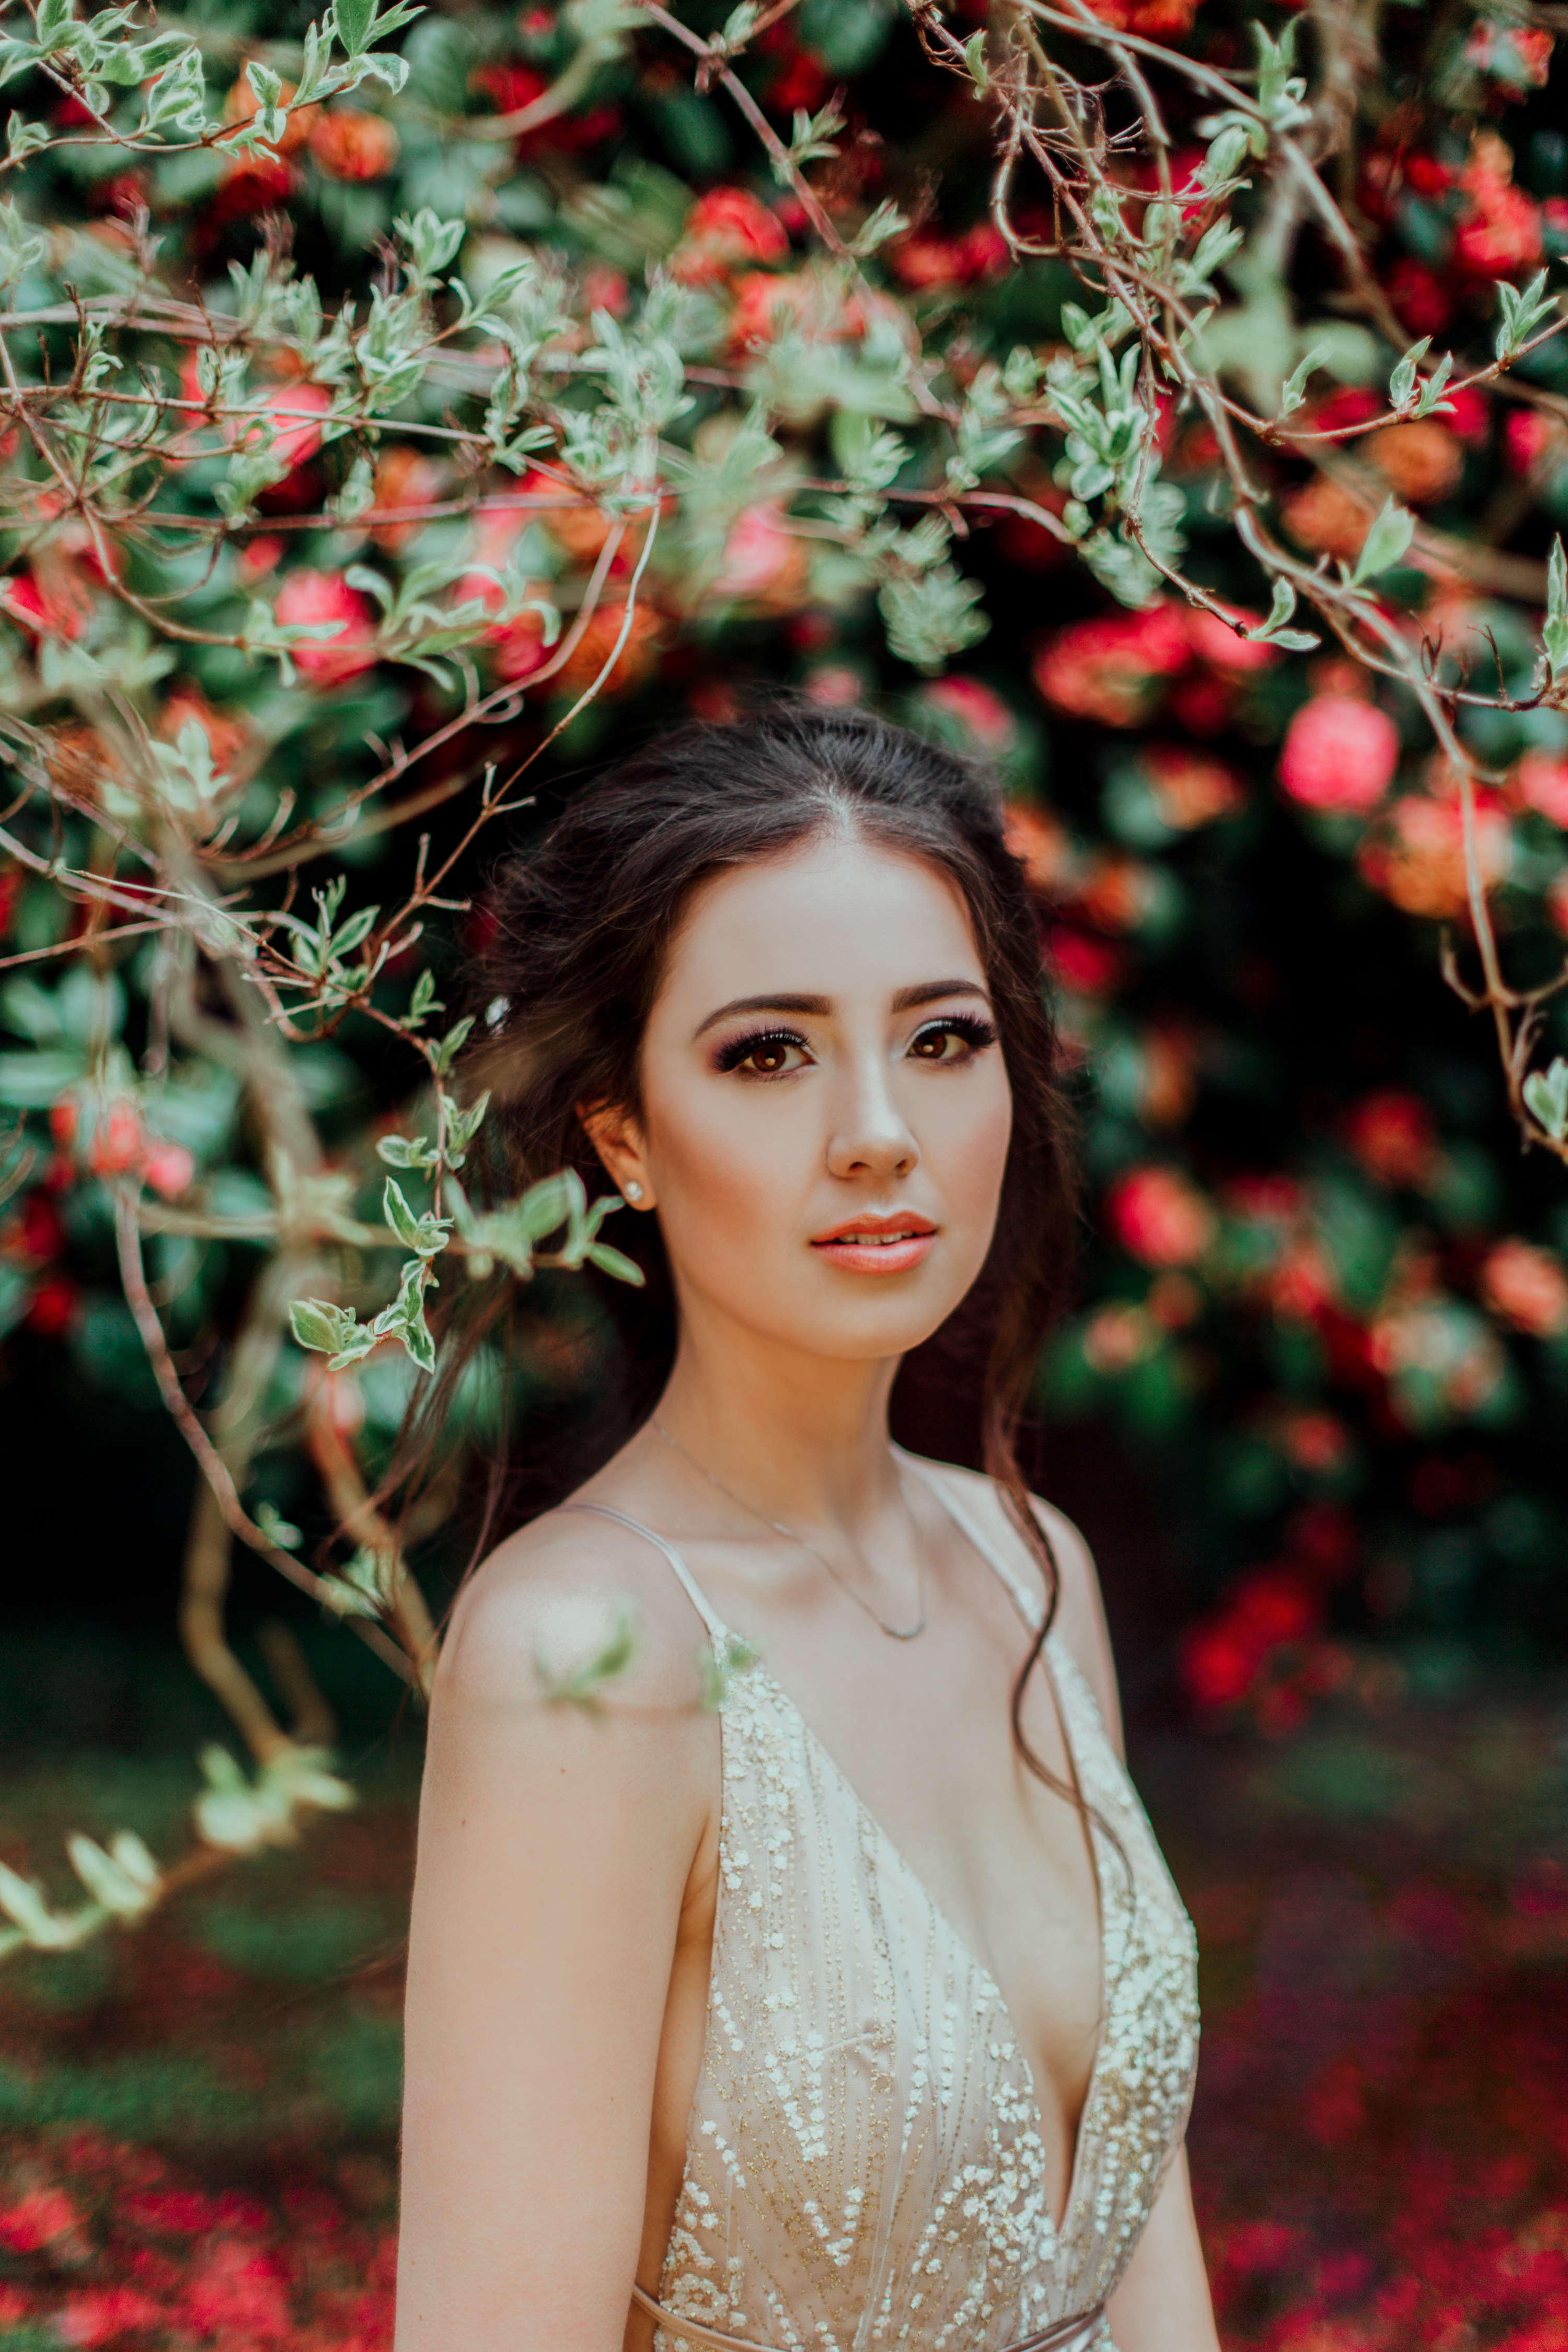 180407_Bridal_Cecil_180407_bridal_at_cecil_3124-Edit-Edit-Edit